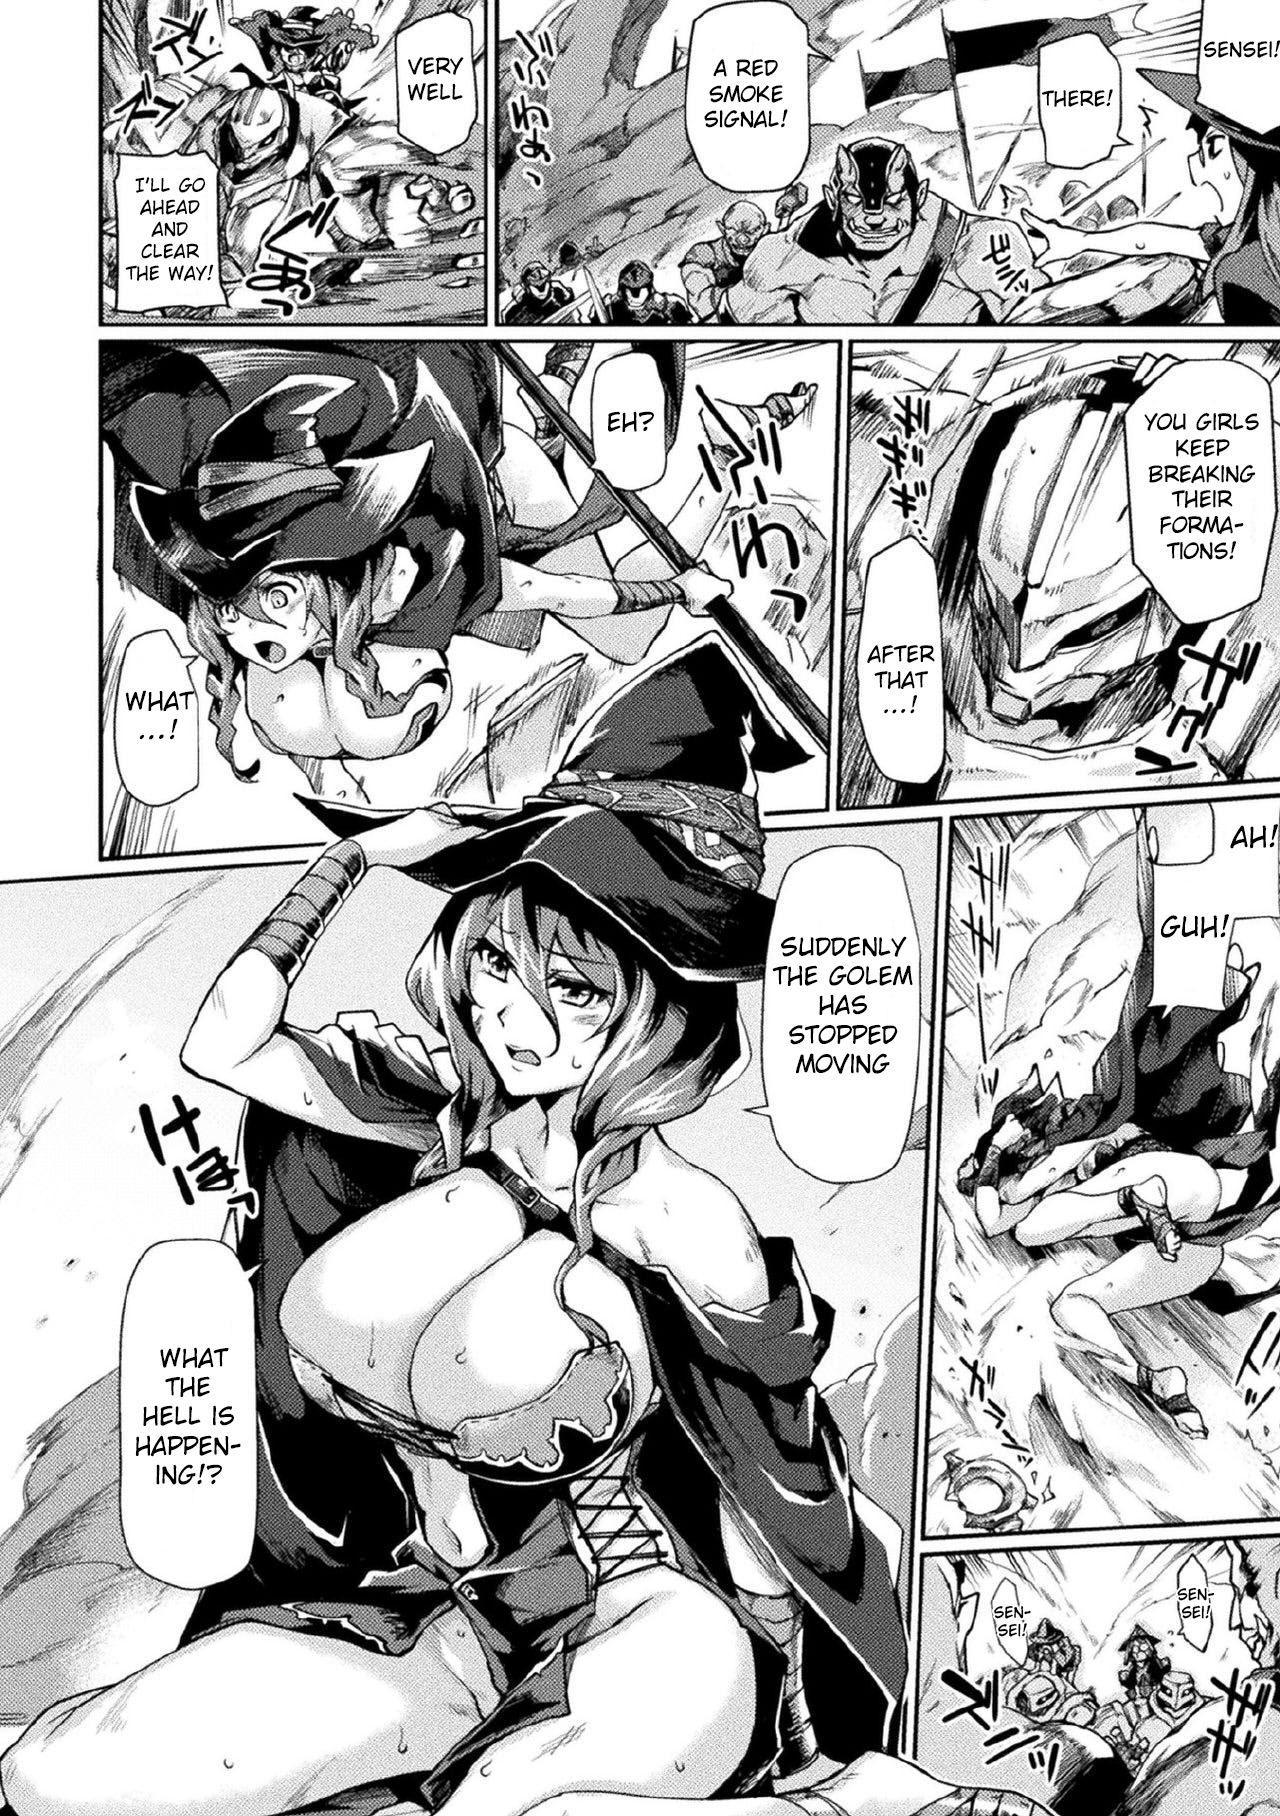 [Tsukitokage] Kuroinu II ~Inyoku ni Somaru Haitoku no Miyako, Futatabi~ THE COMIC Ch. 3 (Kukkoro Heroines Vol. 1) [English] [Raknnkarscans] [Digital] 3